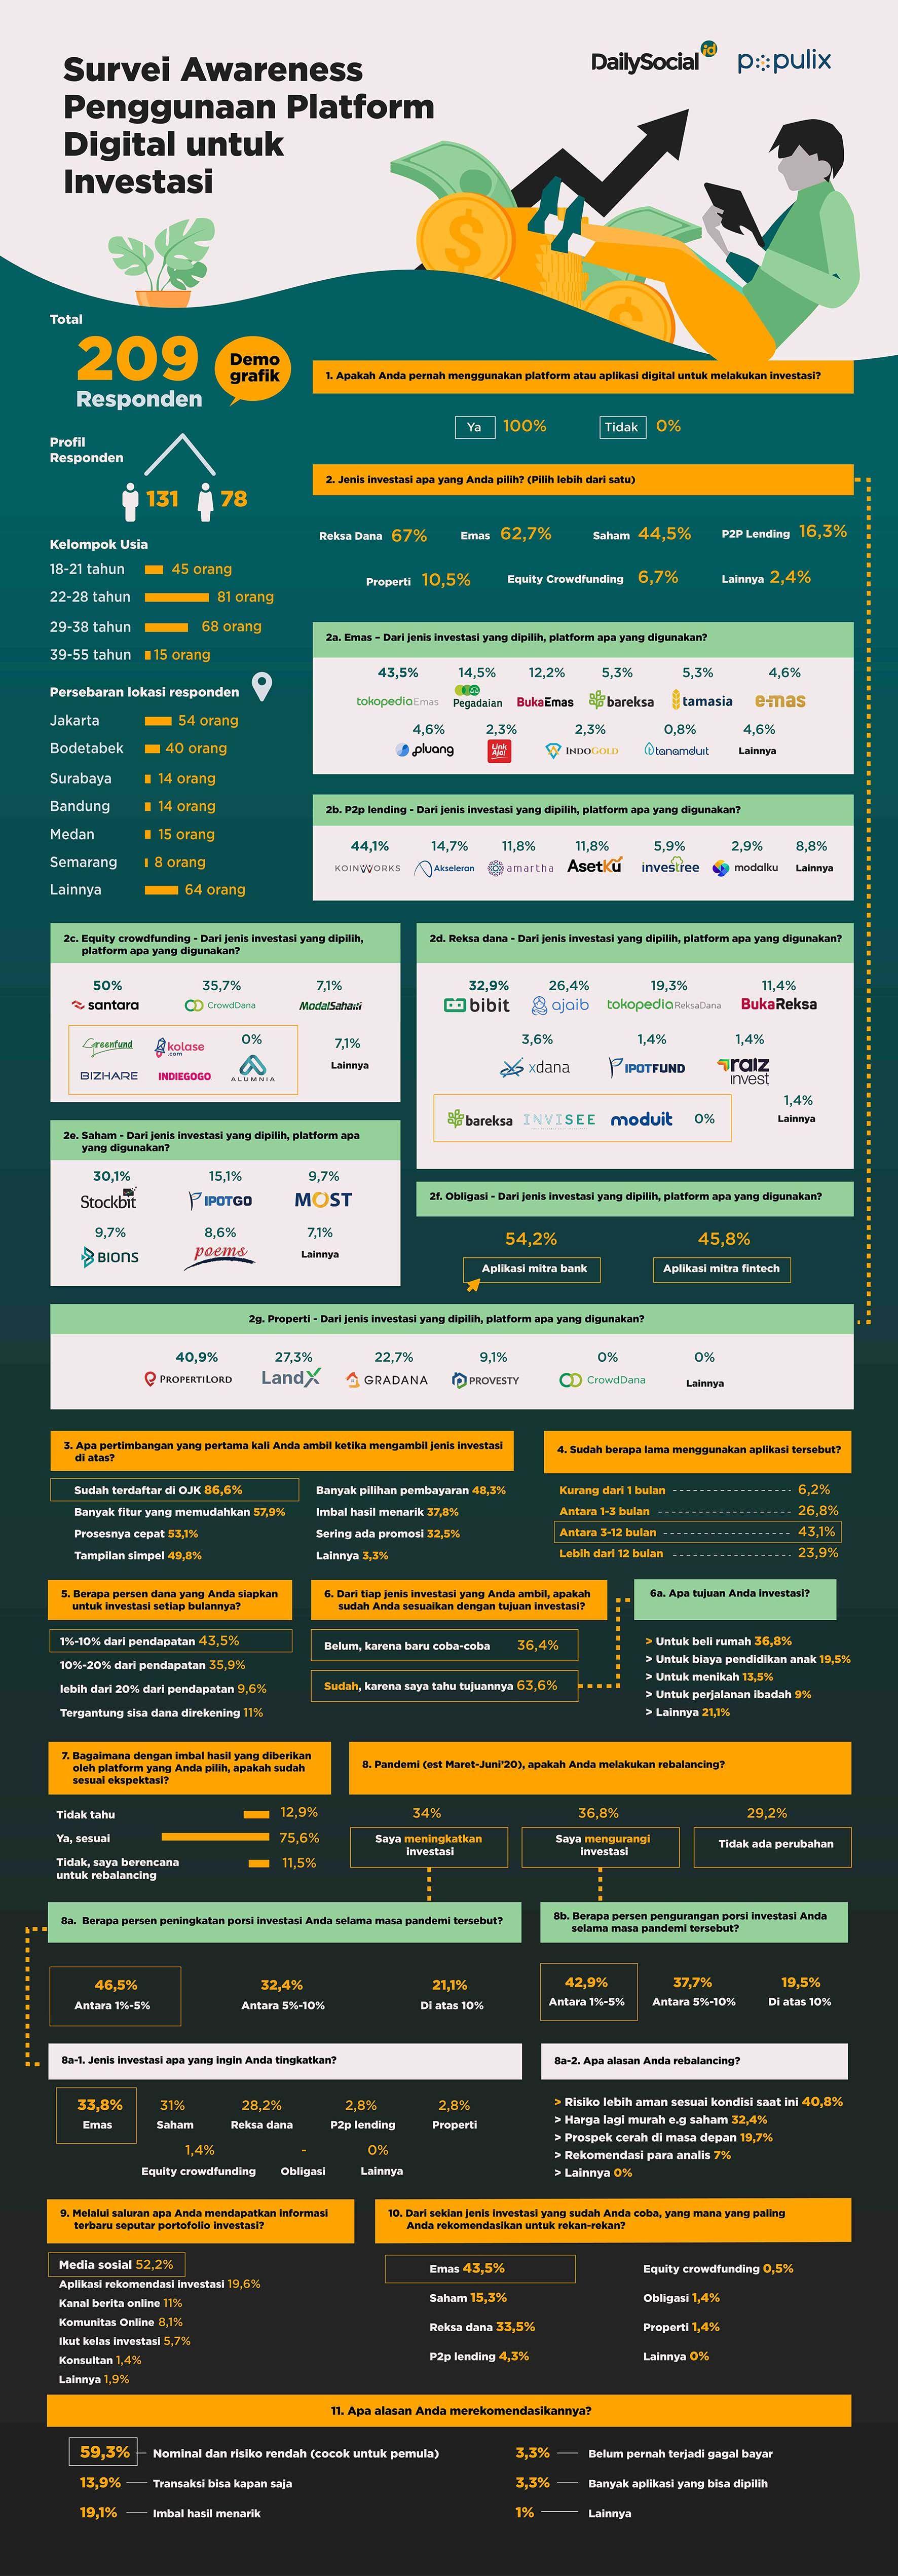 Infografis Survei Awareness Penggunaan Platform Investasi Indonesia Literasi